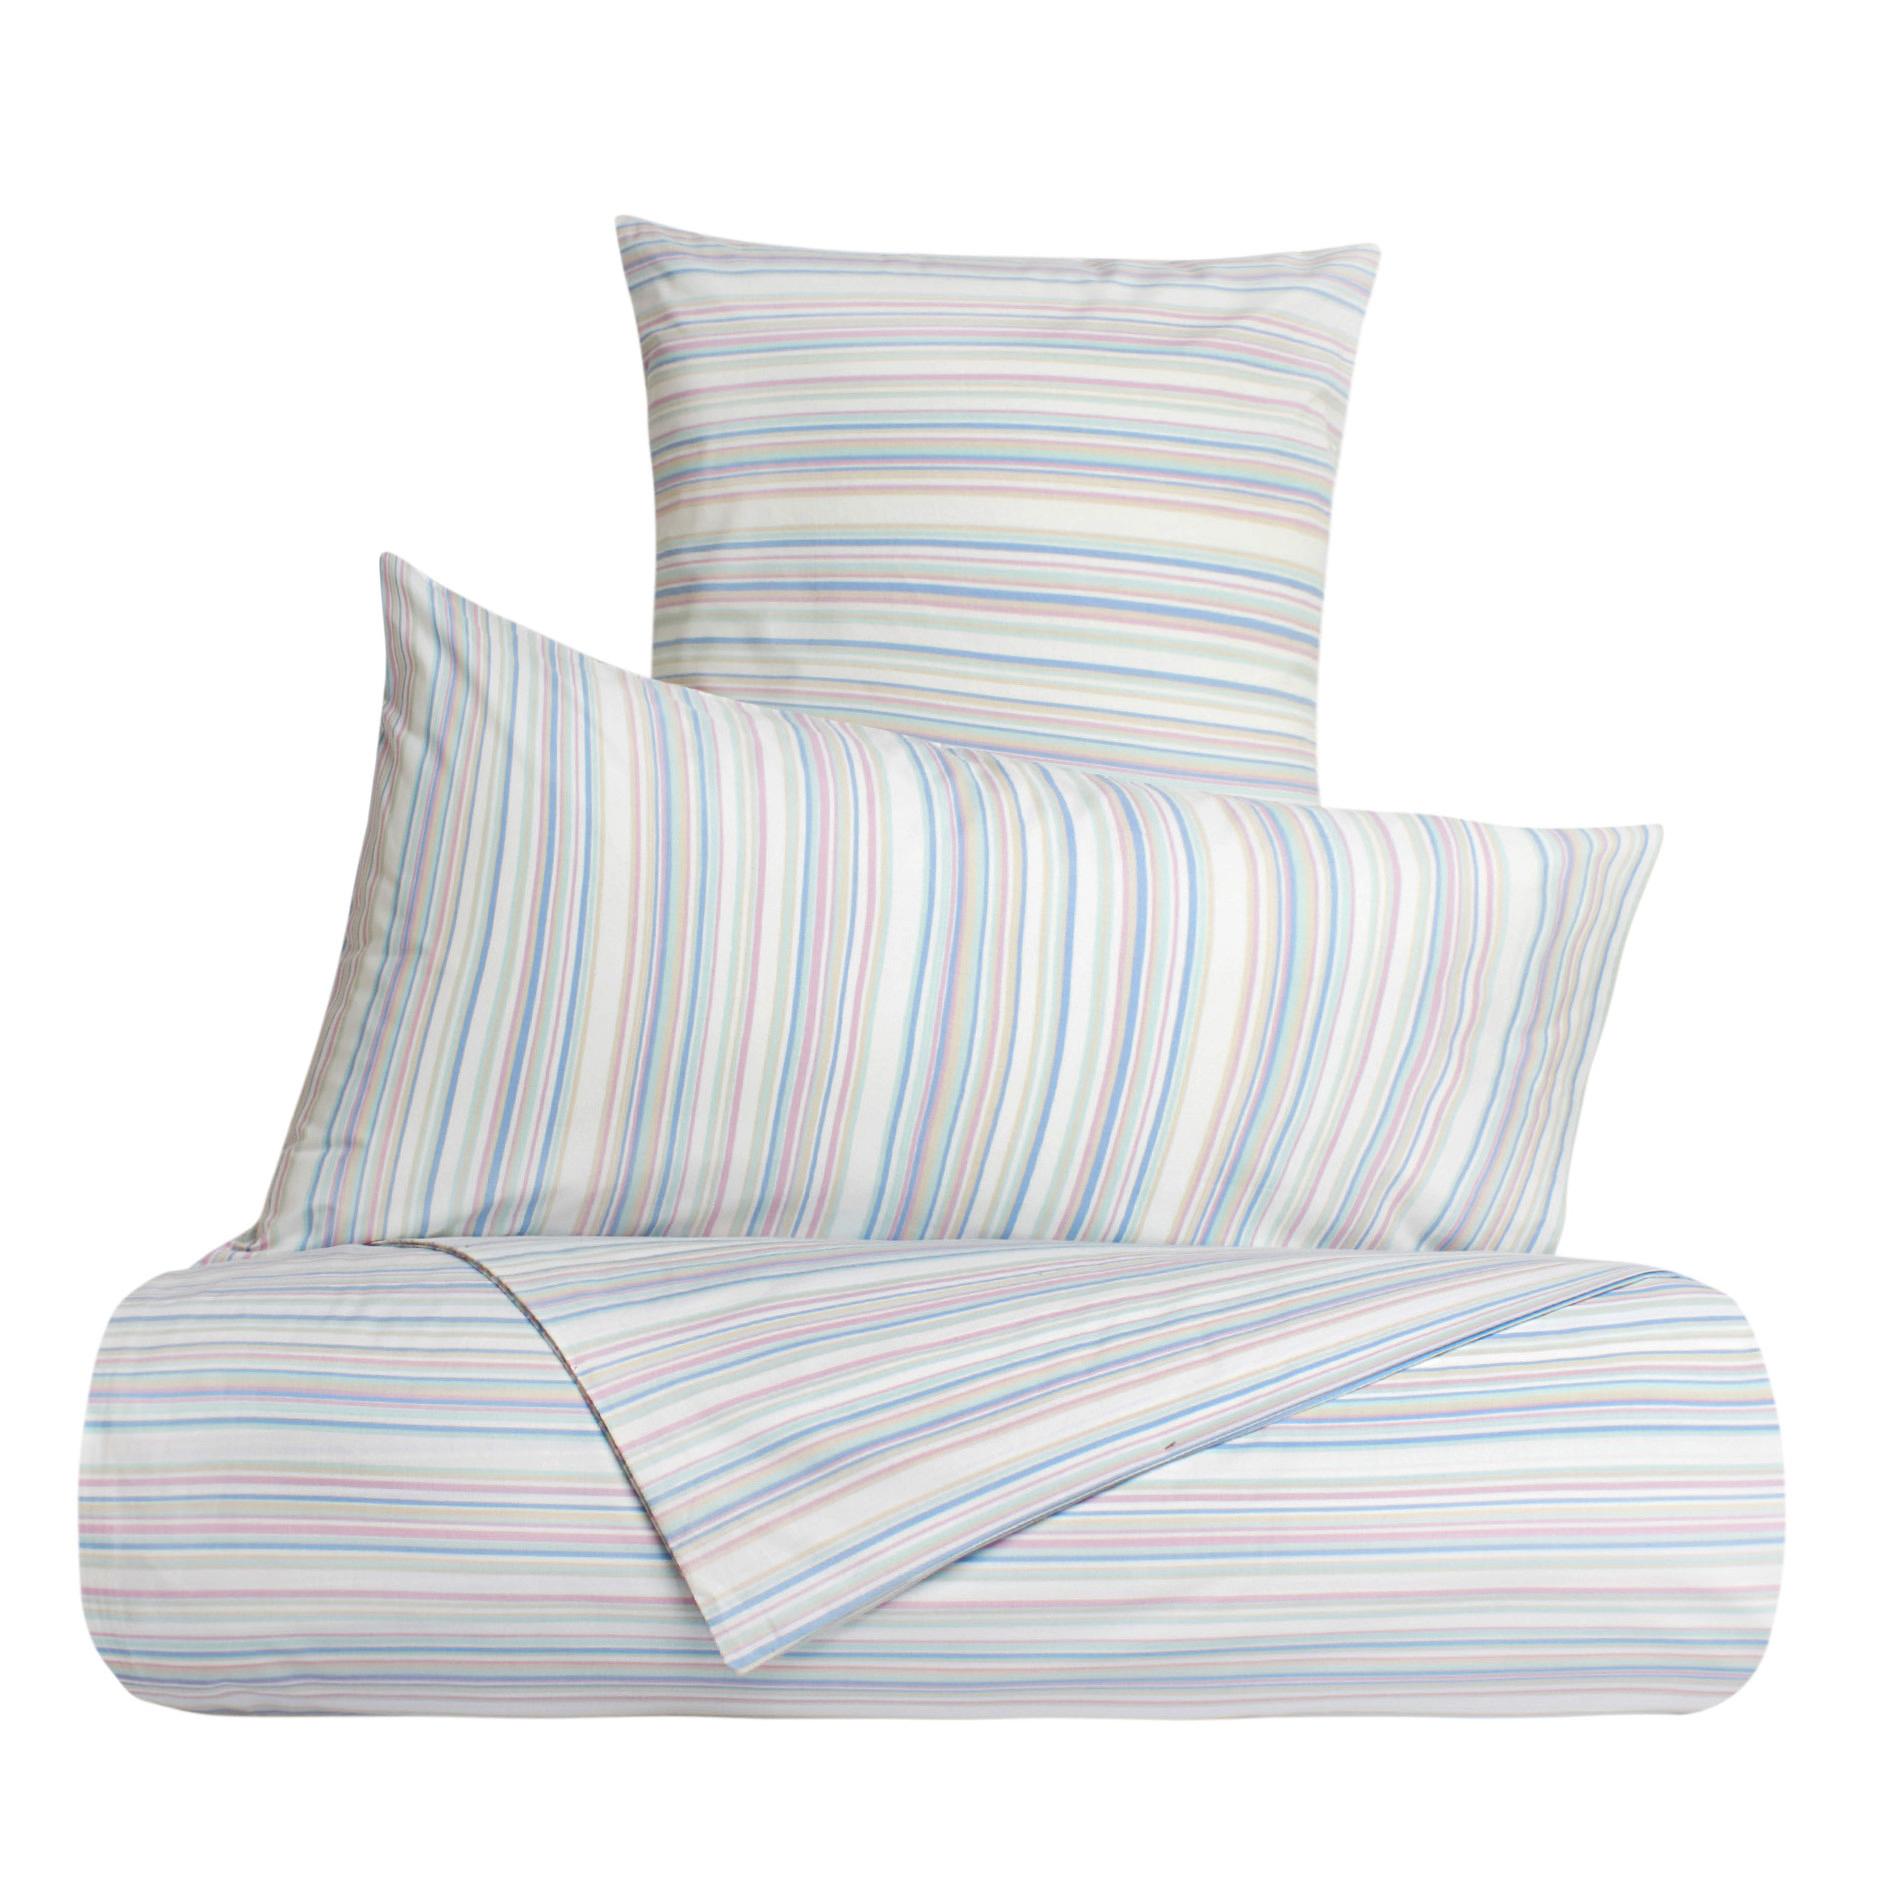 Linea letto puro cotone percalle a righe coincasa - Tende coin casa ...